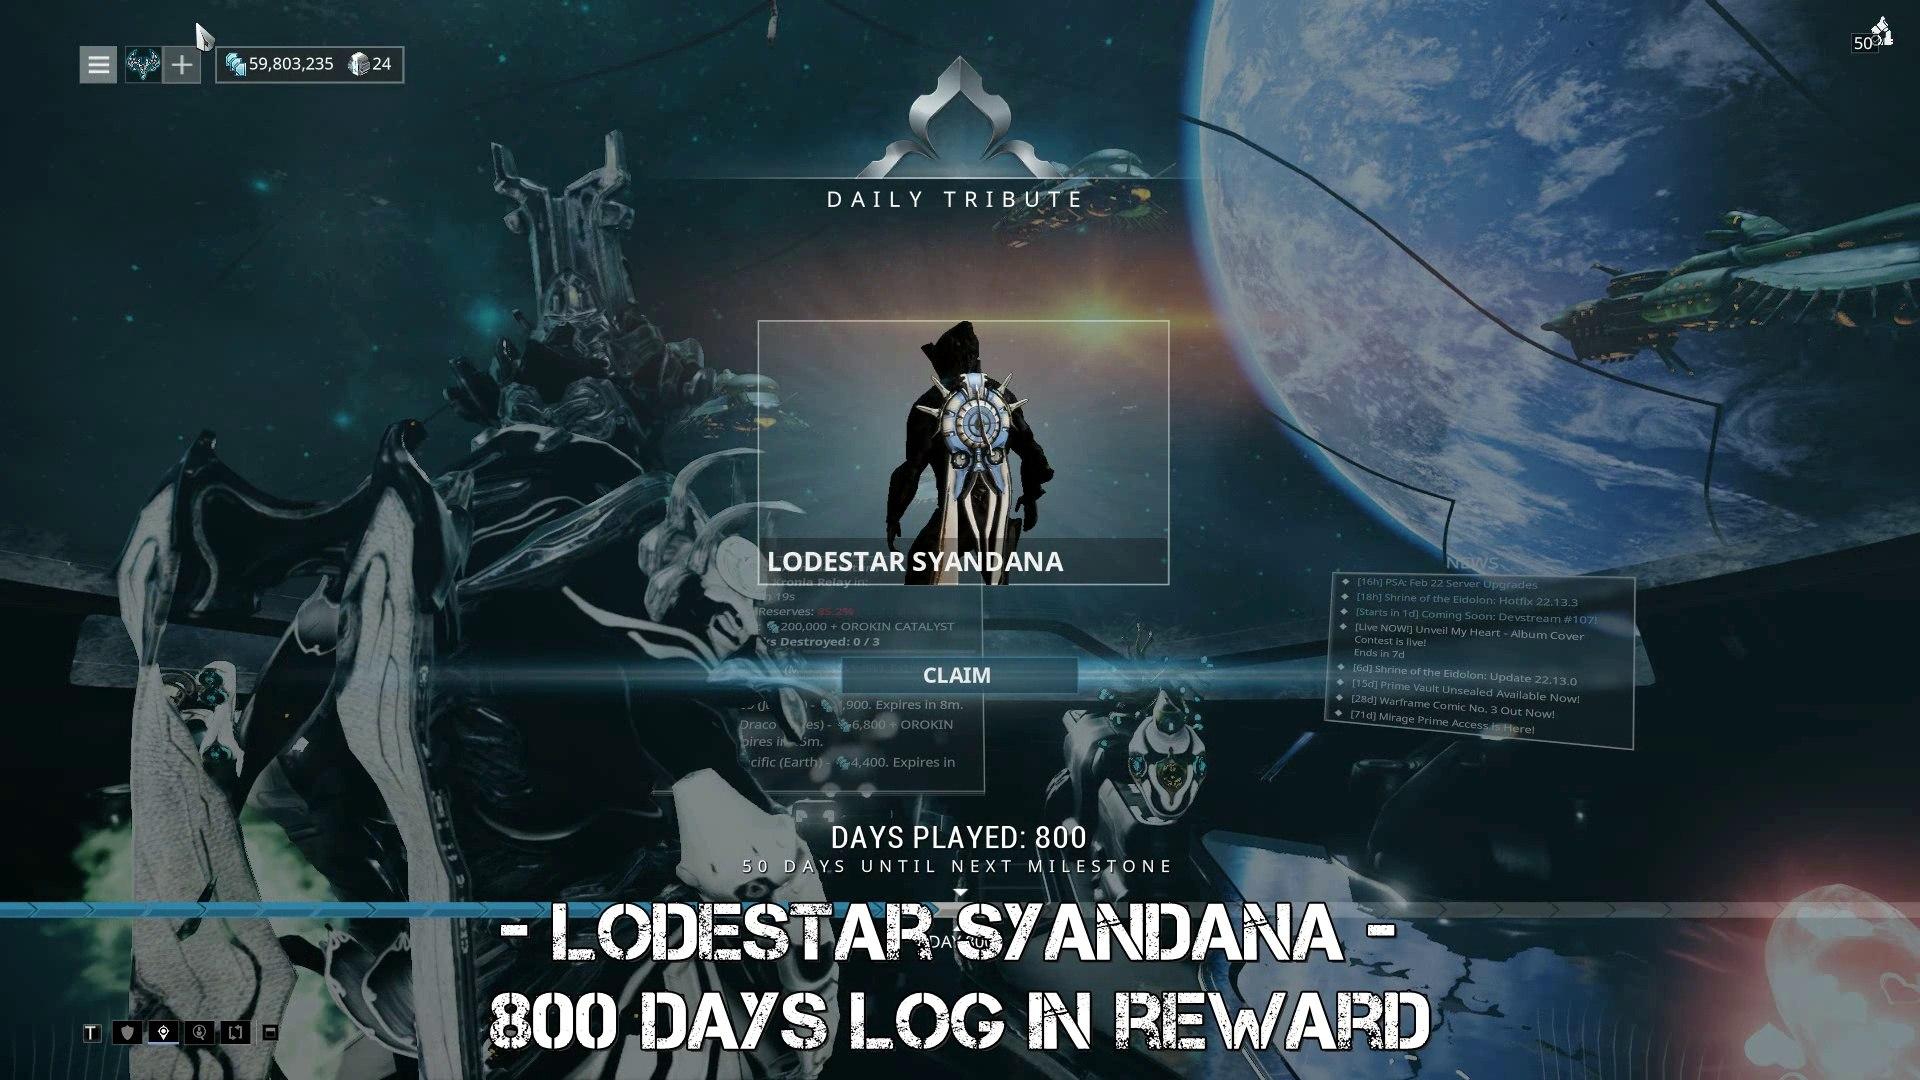 Warframe Lodestar Syandana - 800 days log in reward